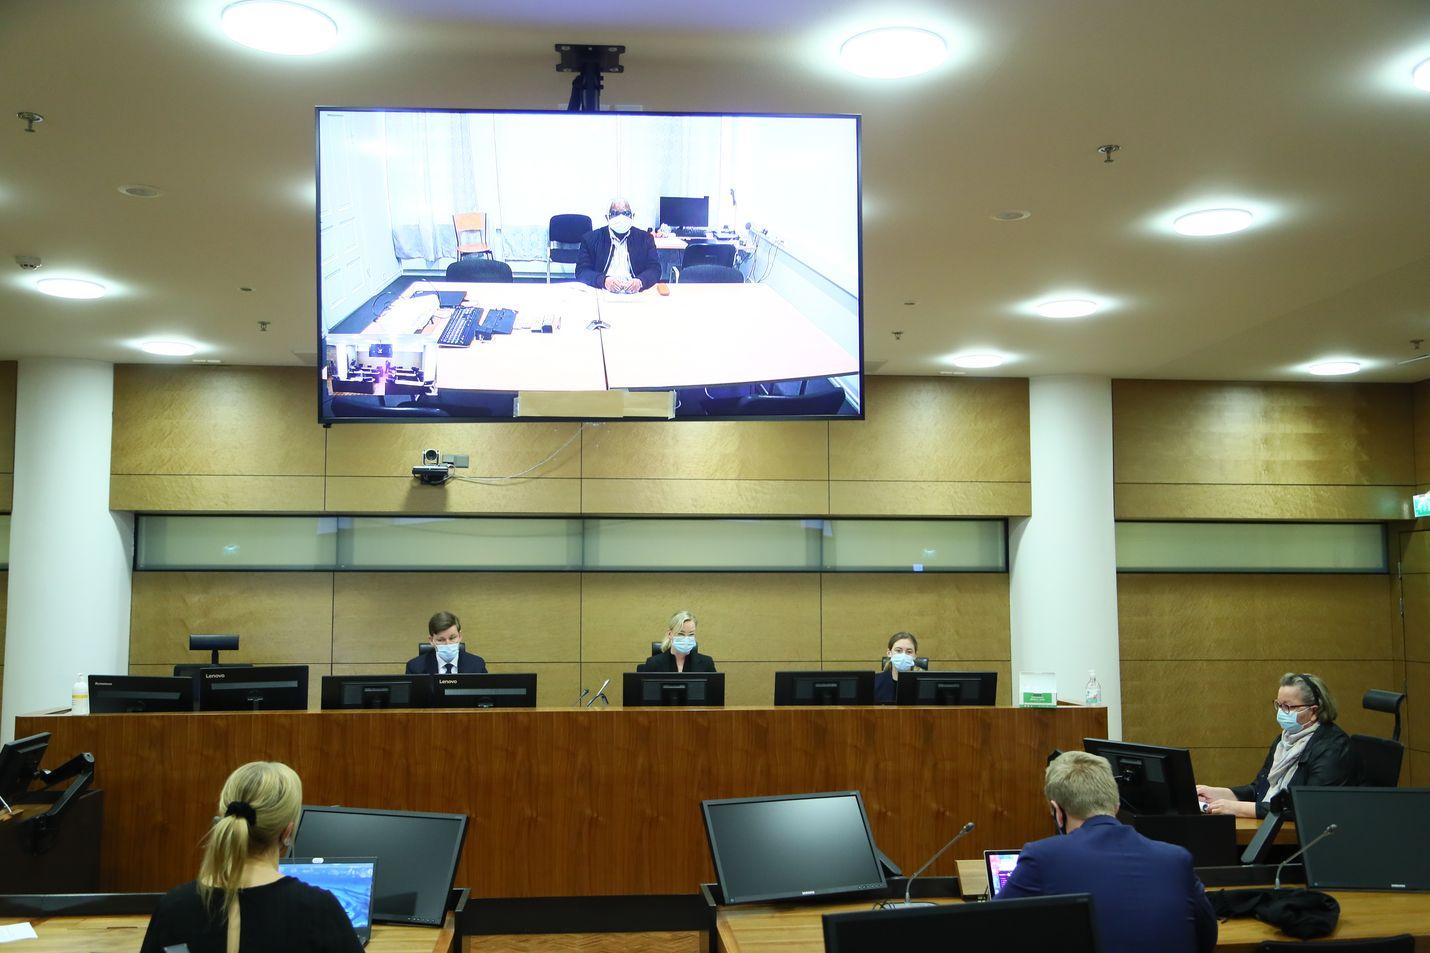 Helsingin hovioikeus käsitteli torstaina Ruandassa 1994 tapahtuneesta kansanmurhasta tuomitun elinkautisvangin, Francois Bazaramban, vapauttamishakemusta.